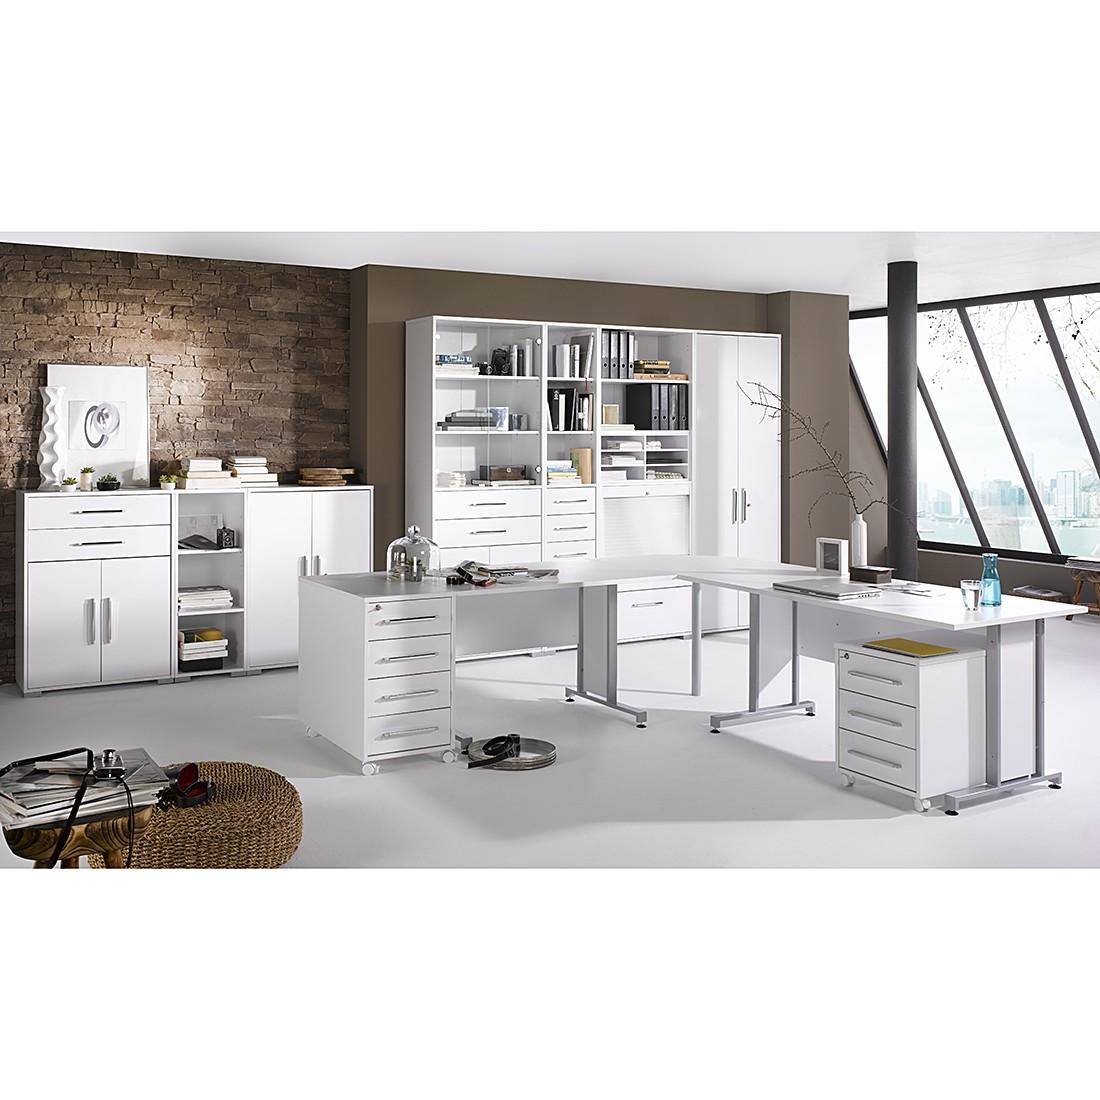 Home 24 - Combinaison de bureau merit x (12 éléments) - blanc glacier / blanc brillant, maja möbel